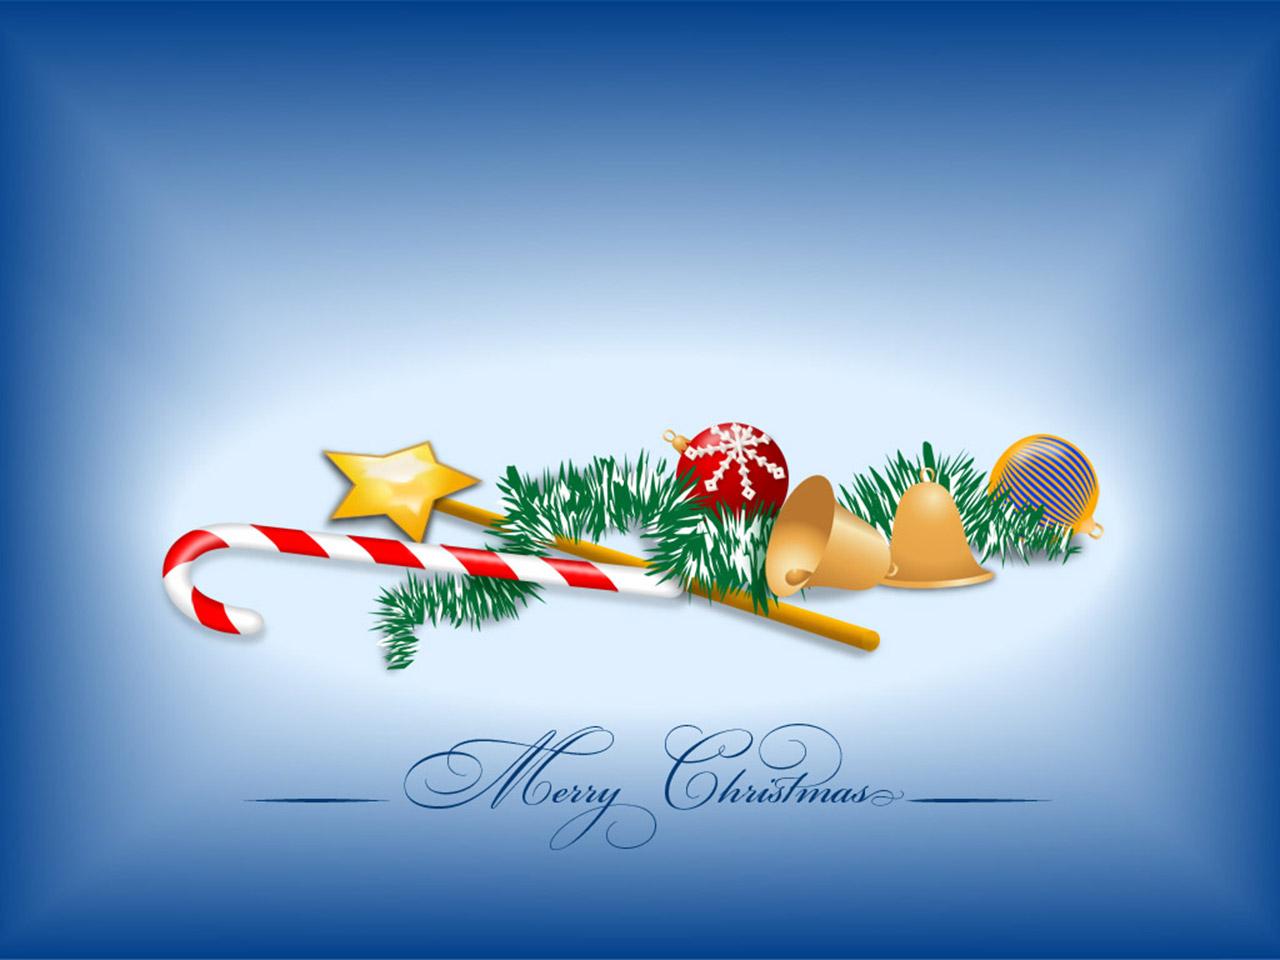 http://3.bp.blogspot.com/-VLHZwBC5vxg/Tqfi615mtEI/AAAAAAAAFSw/WanmLOhiq8s/s1600/Christmas%20HD%20desktop%20wallpaper%20Merry-Christmas-Wallpaper.jpg